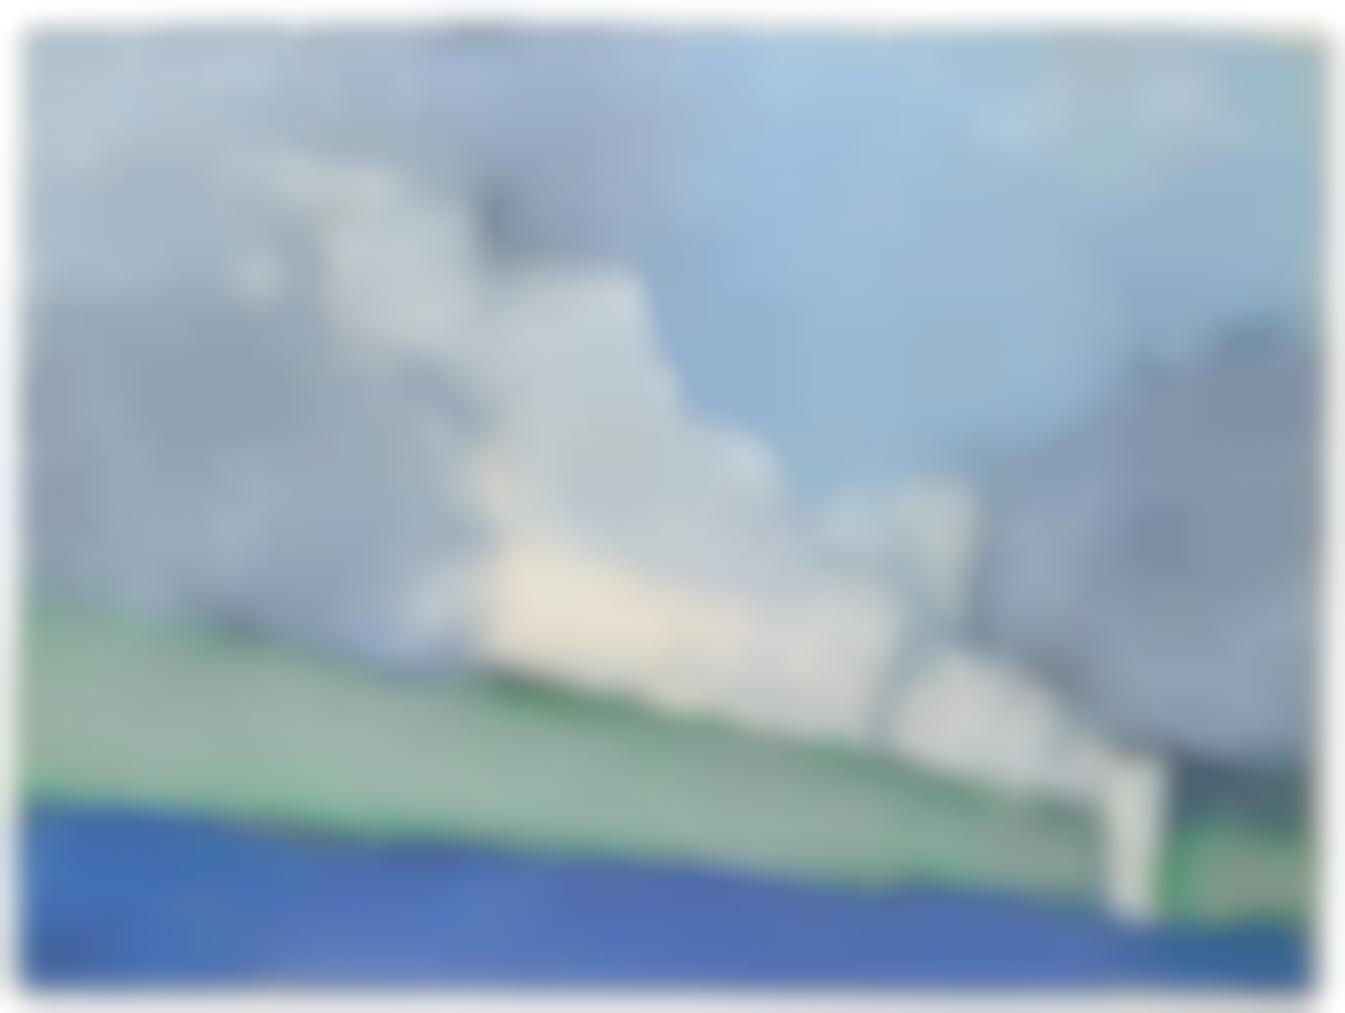 Nicolas de Stael-Paysage De Vaucluse No. 3-1953